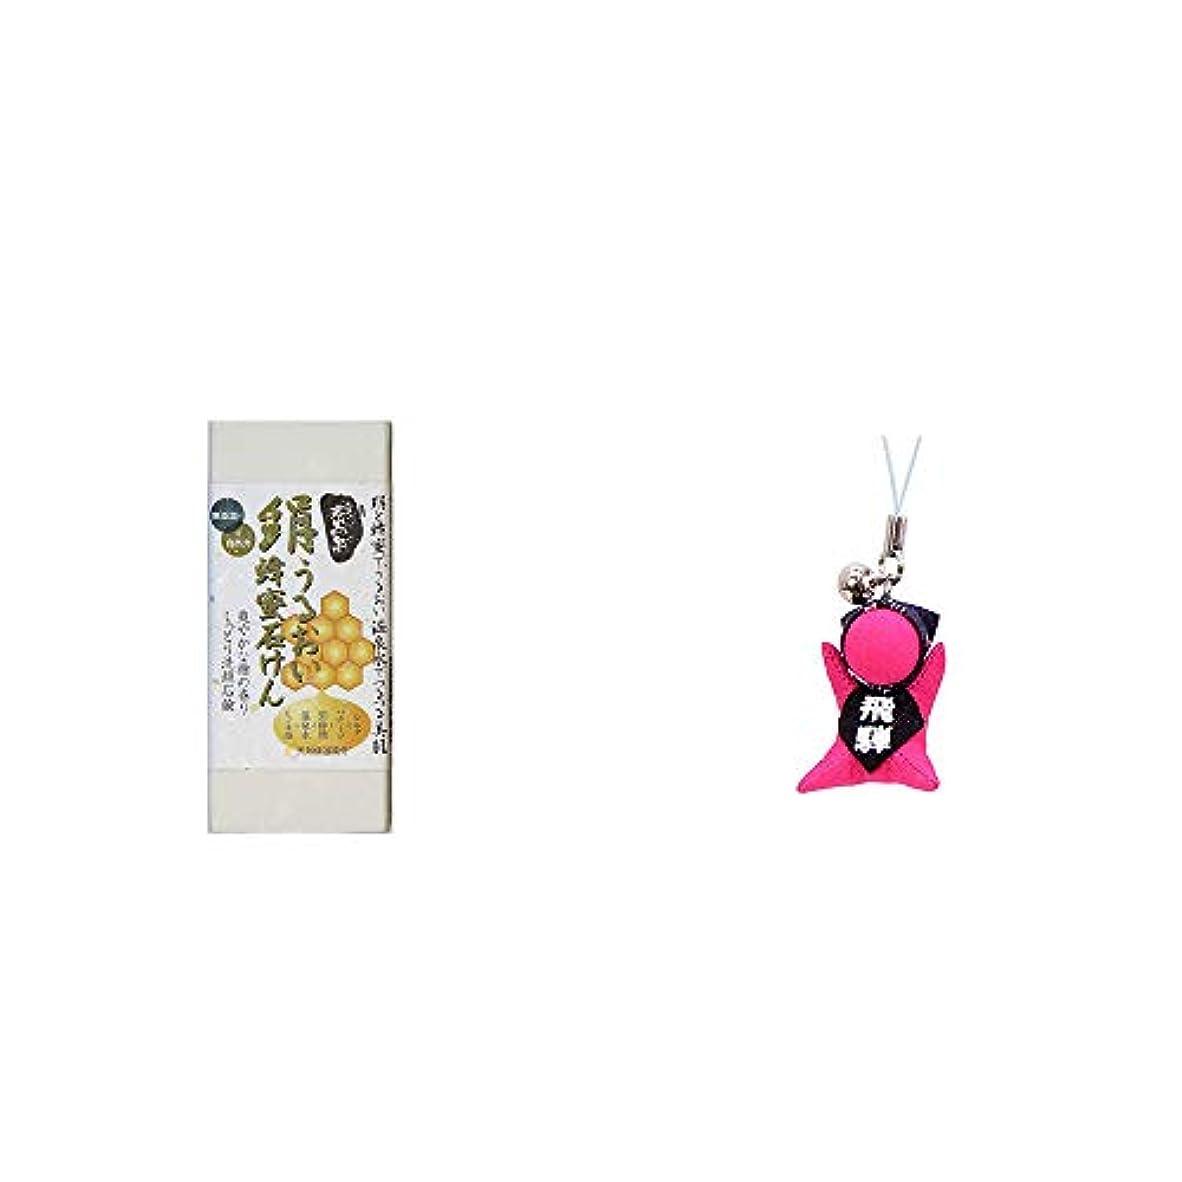 圧倒するフィッティング効果的に[2点セット] ひのき炭黒泉 絹うるおい蜂蜜石けん(75g×2)?さるぼぼ幸福ストラップ 【ピンク】 / 風水カラー全9種類 縁結び?恋愛(出会い) お守り//